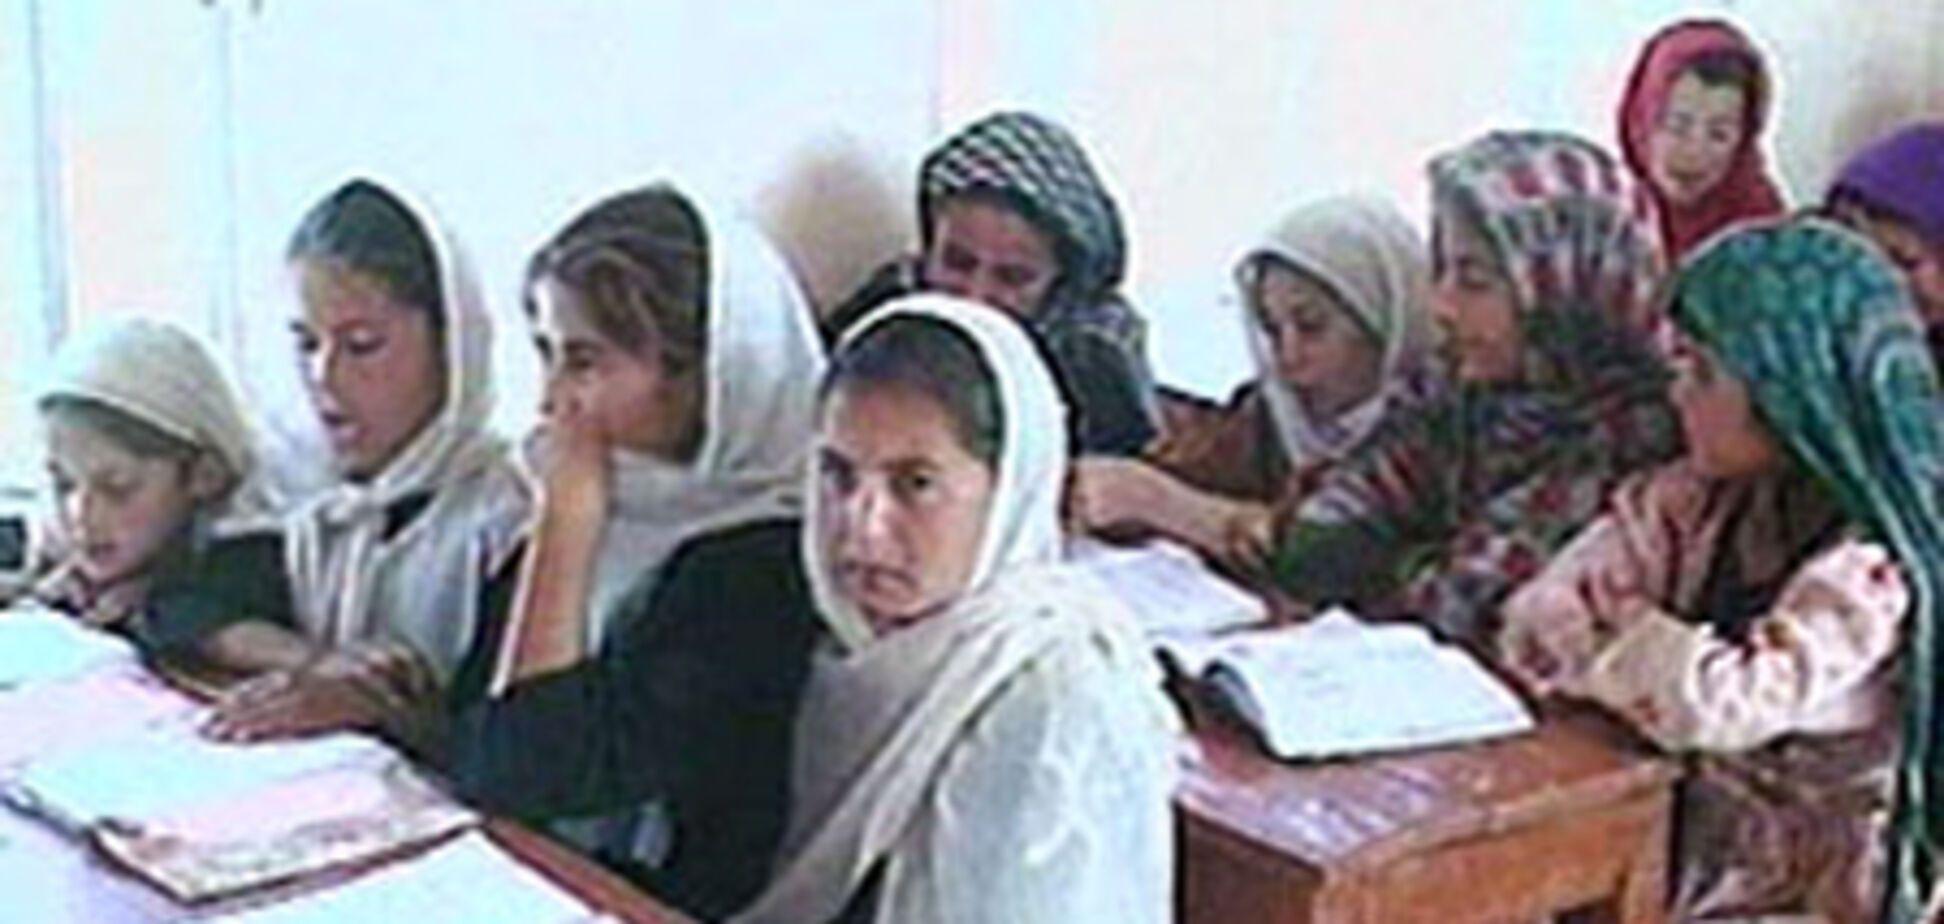 Таліби дозволили дівчаткам вчитися в школах